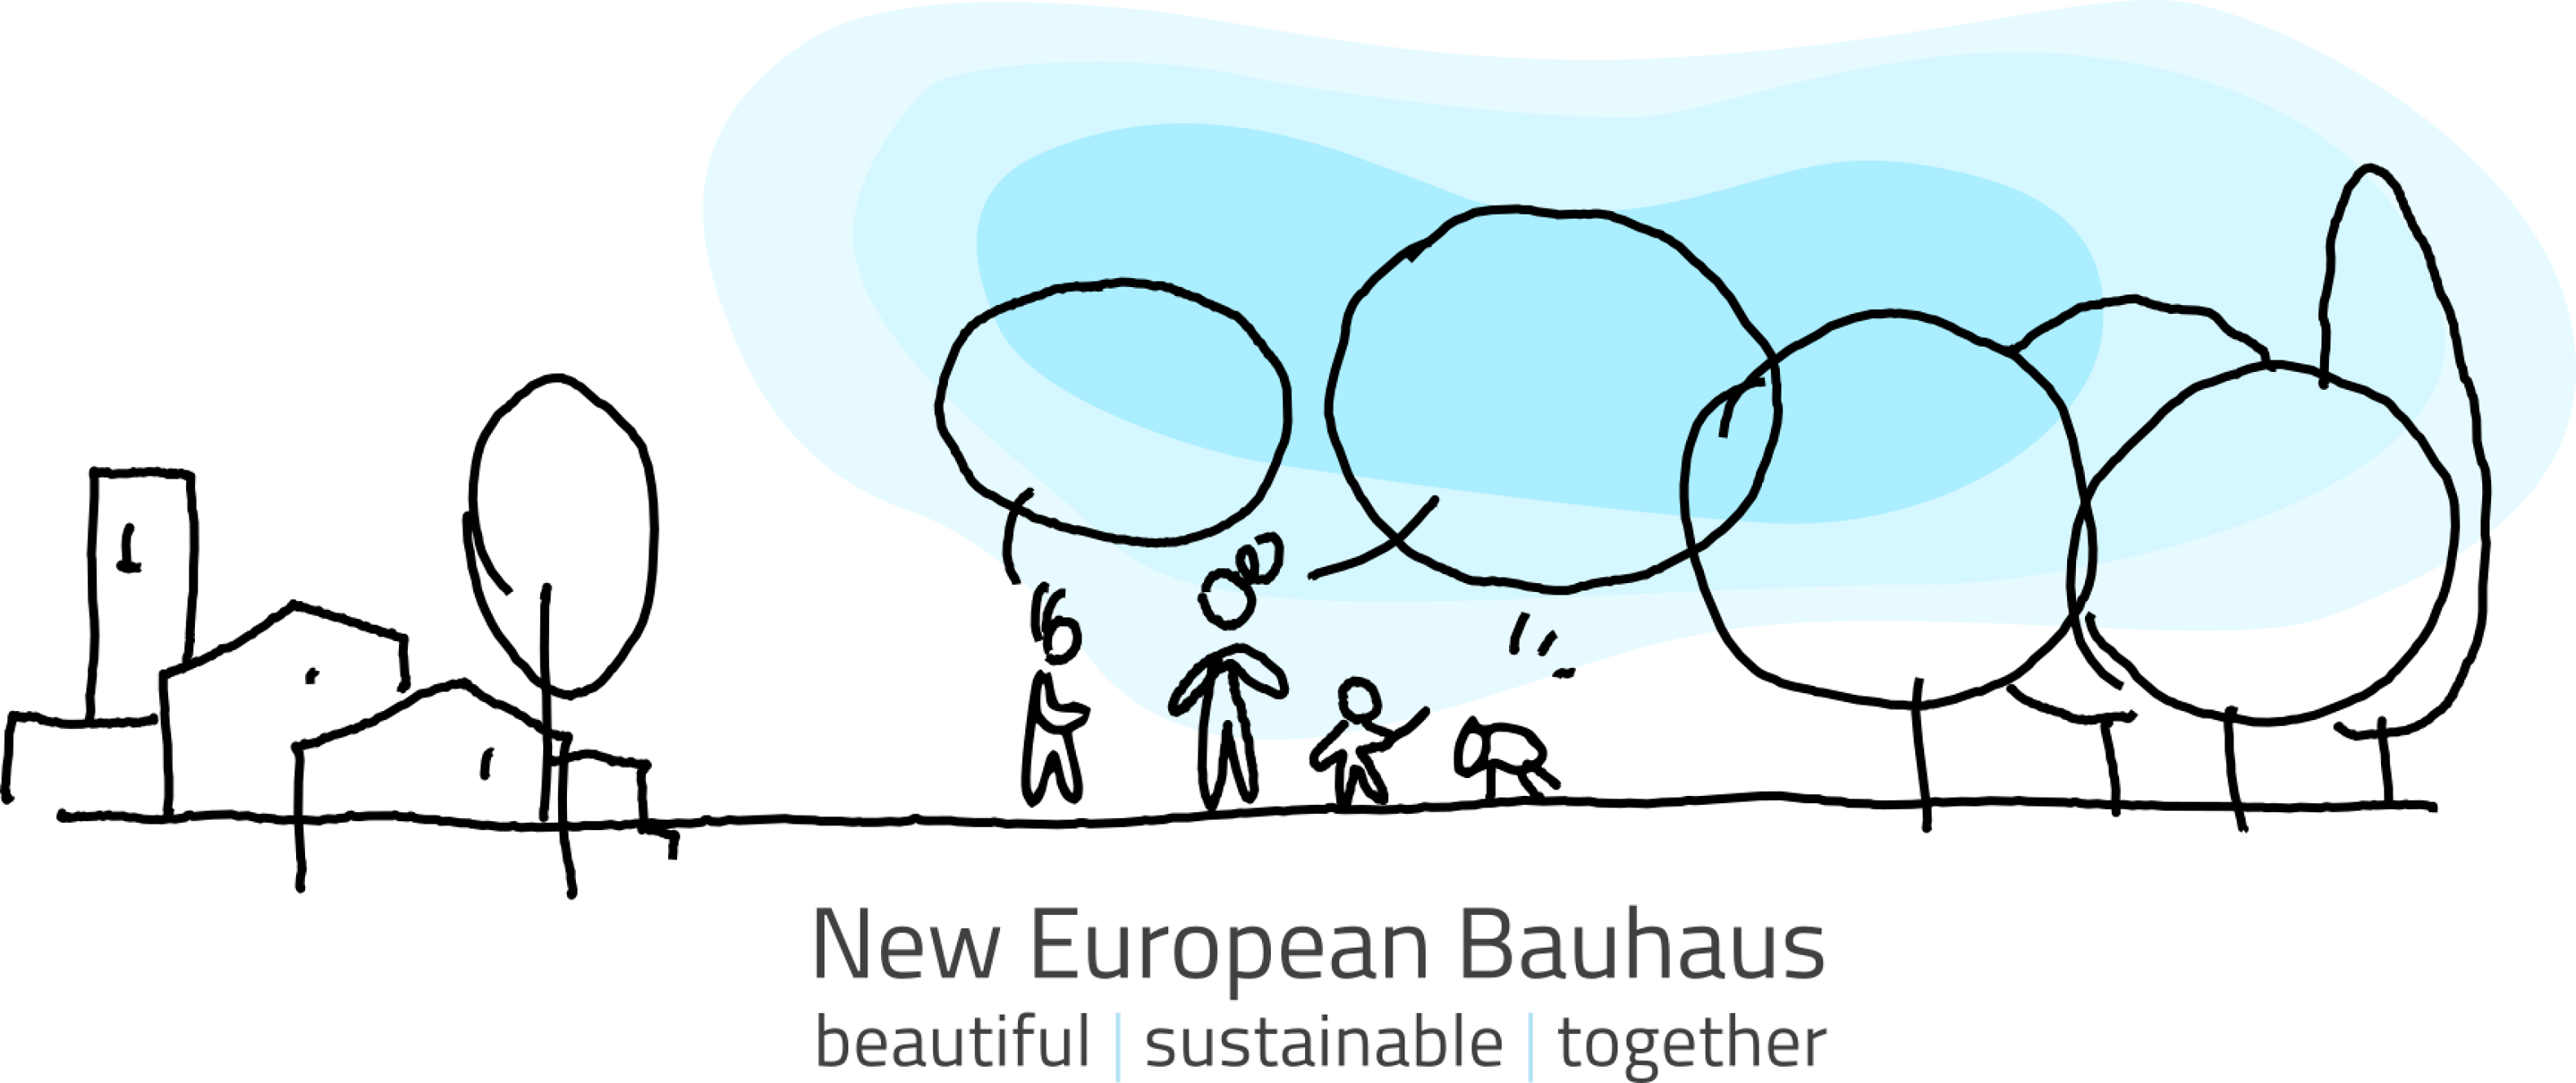 NAUJASIS EUROPINIS BAUHAUZAS